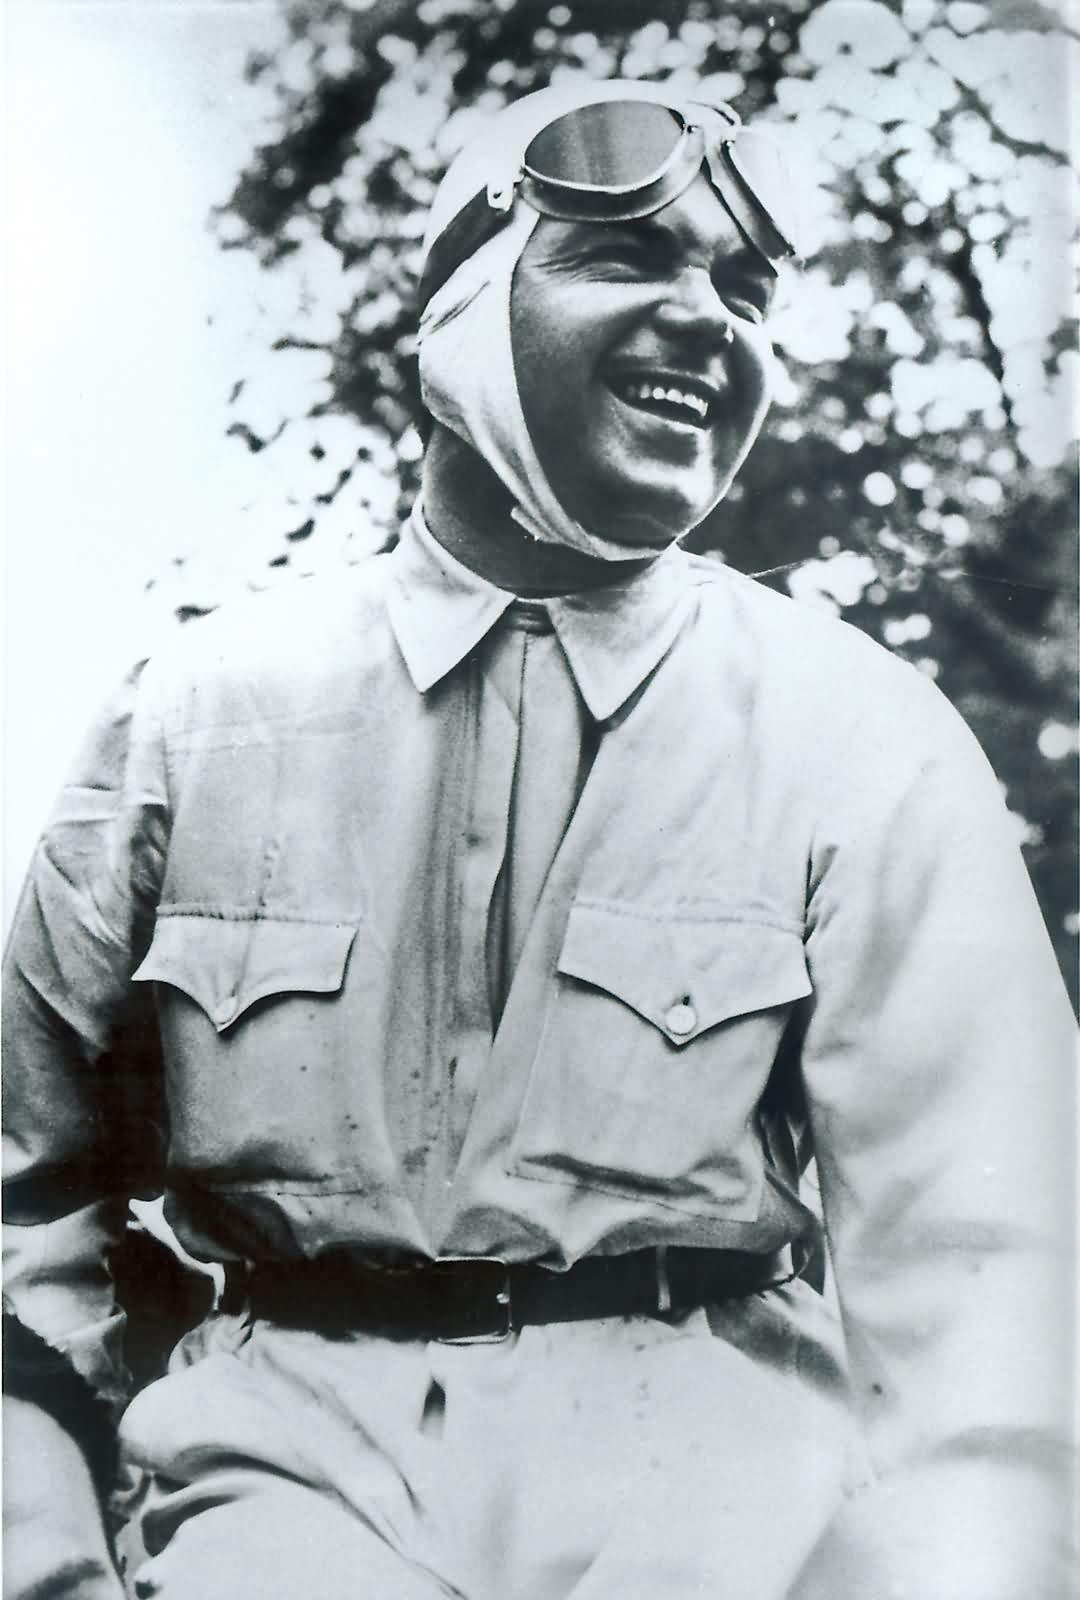 Rudolf Caracciola - 1901 - 1959